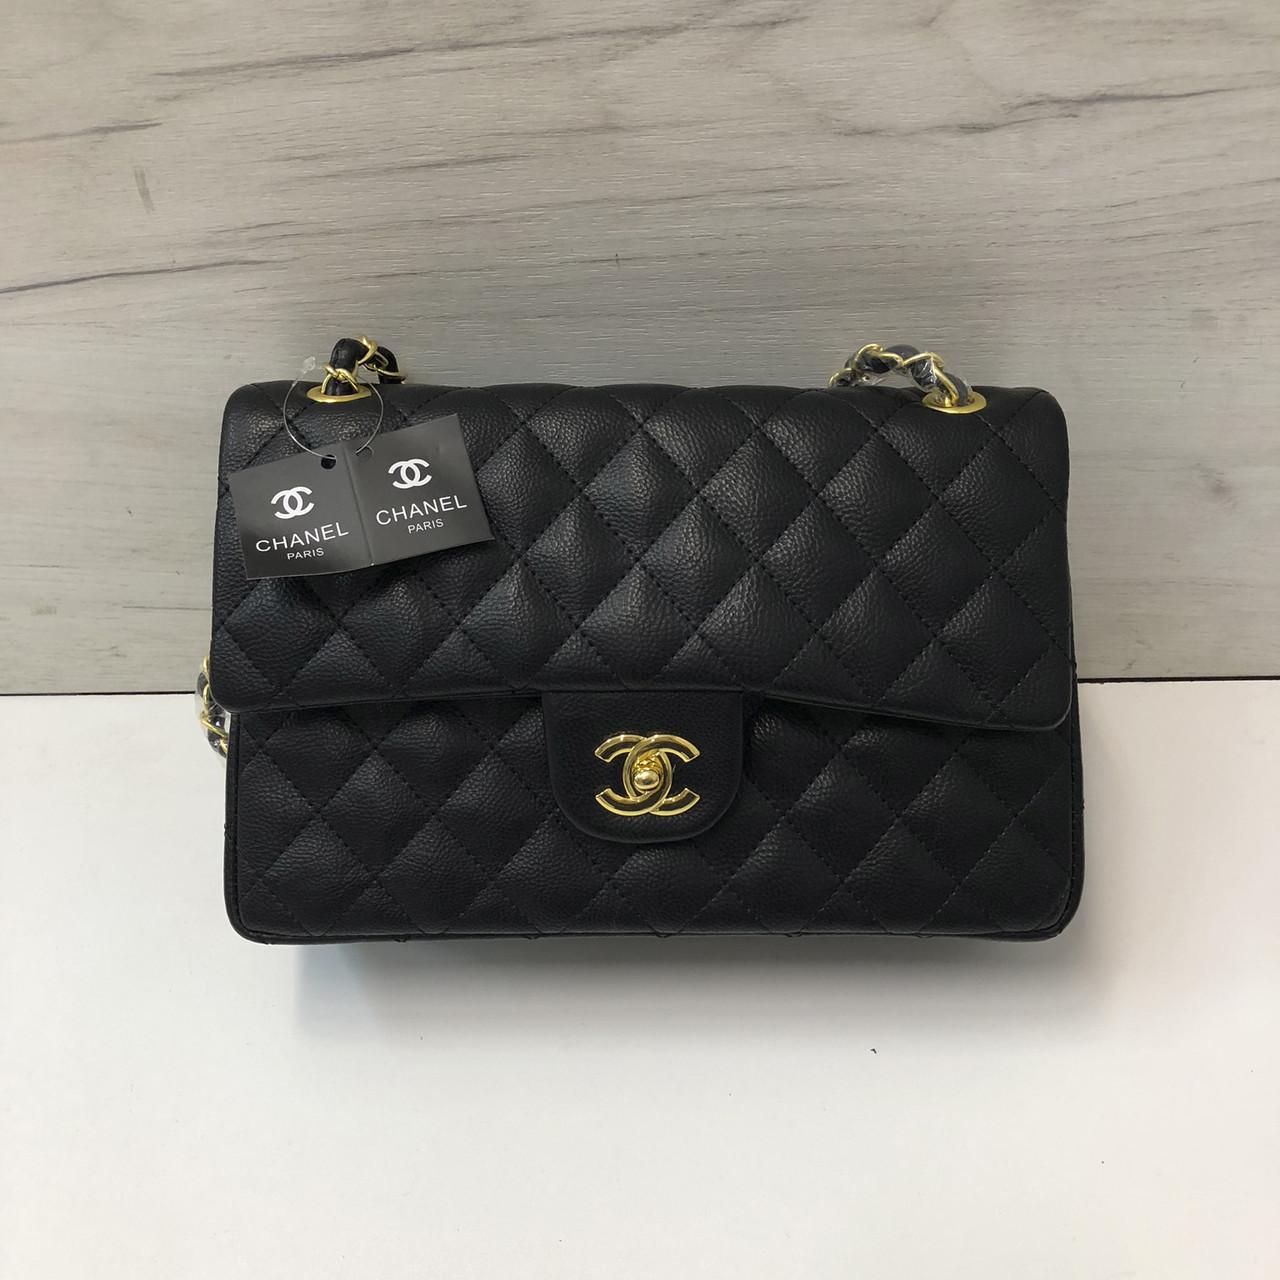 108a49188775 Сумка реплика Chanel classic flap 28см | Шанель золотая фурнитура Черный -  BagsOnline - твоя идеальная